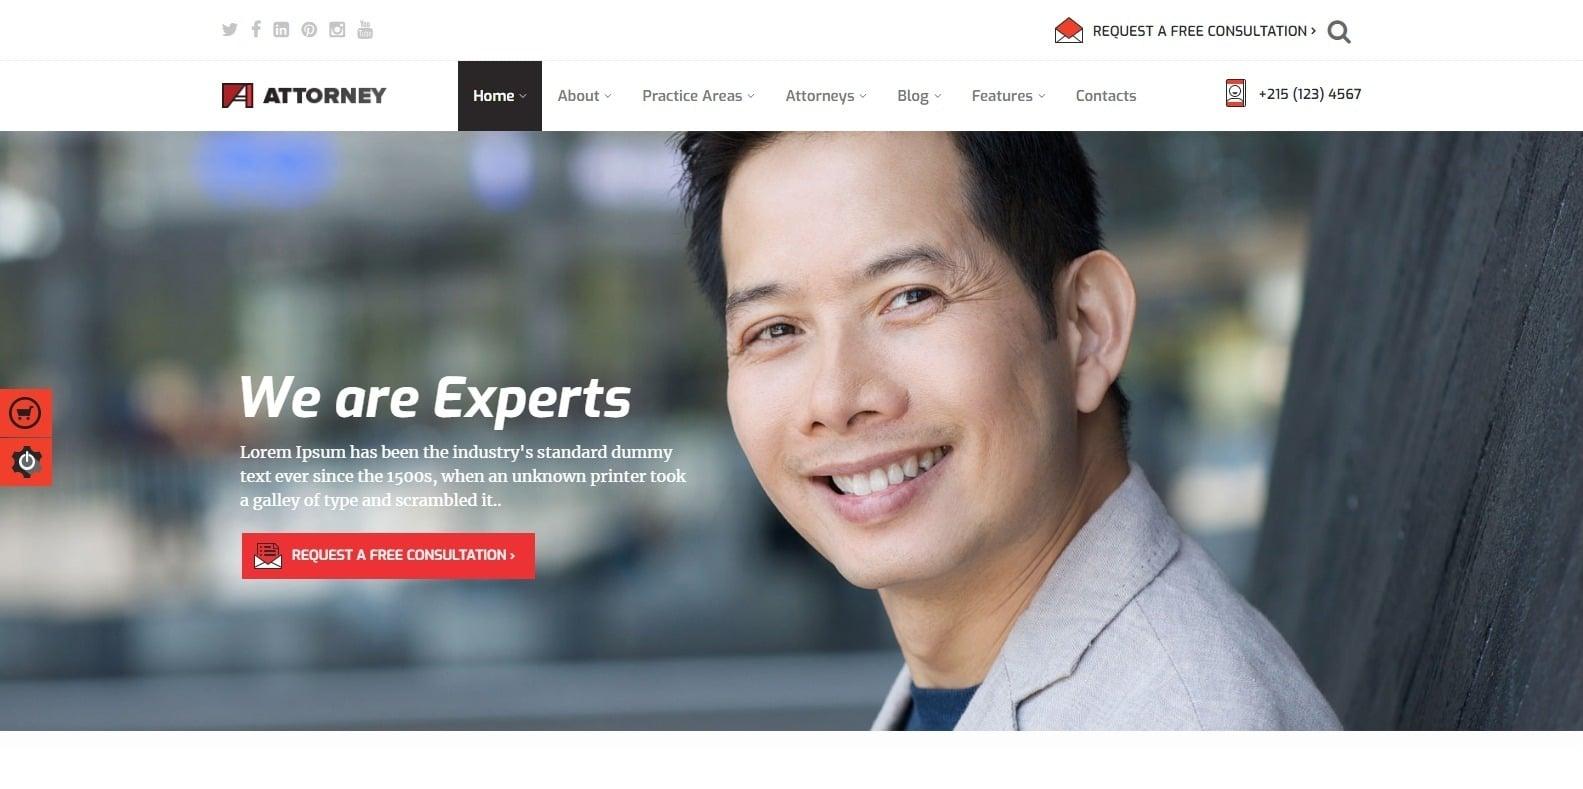 attorney-attorney-website-template